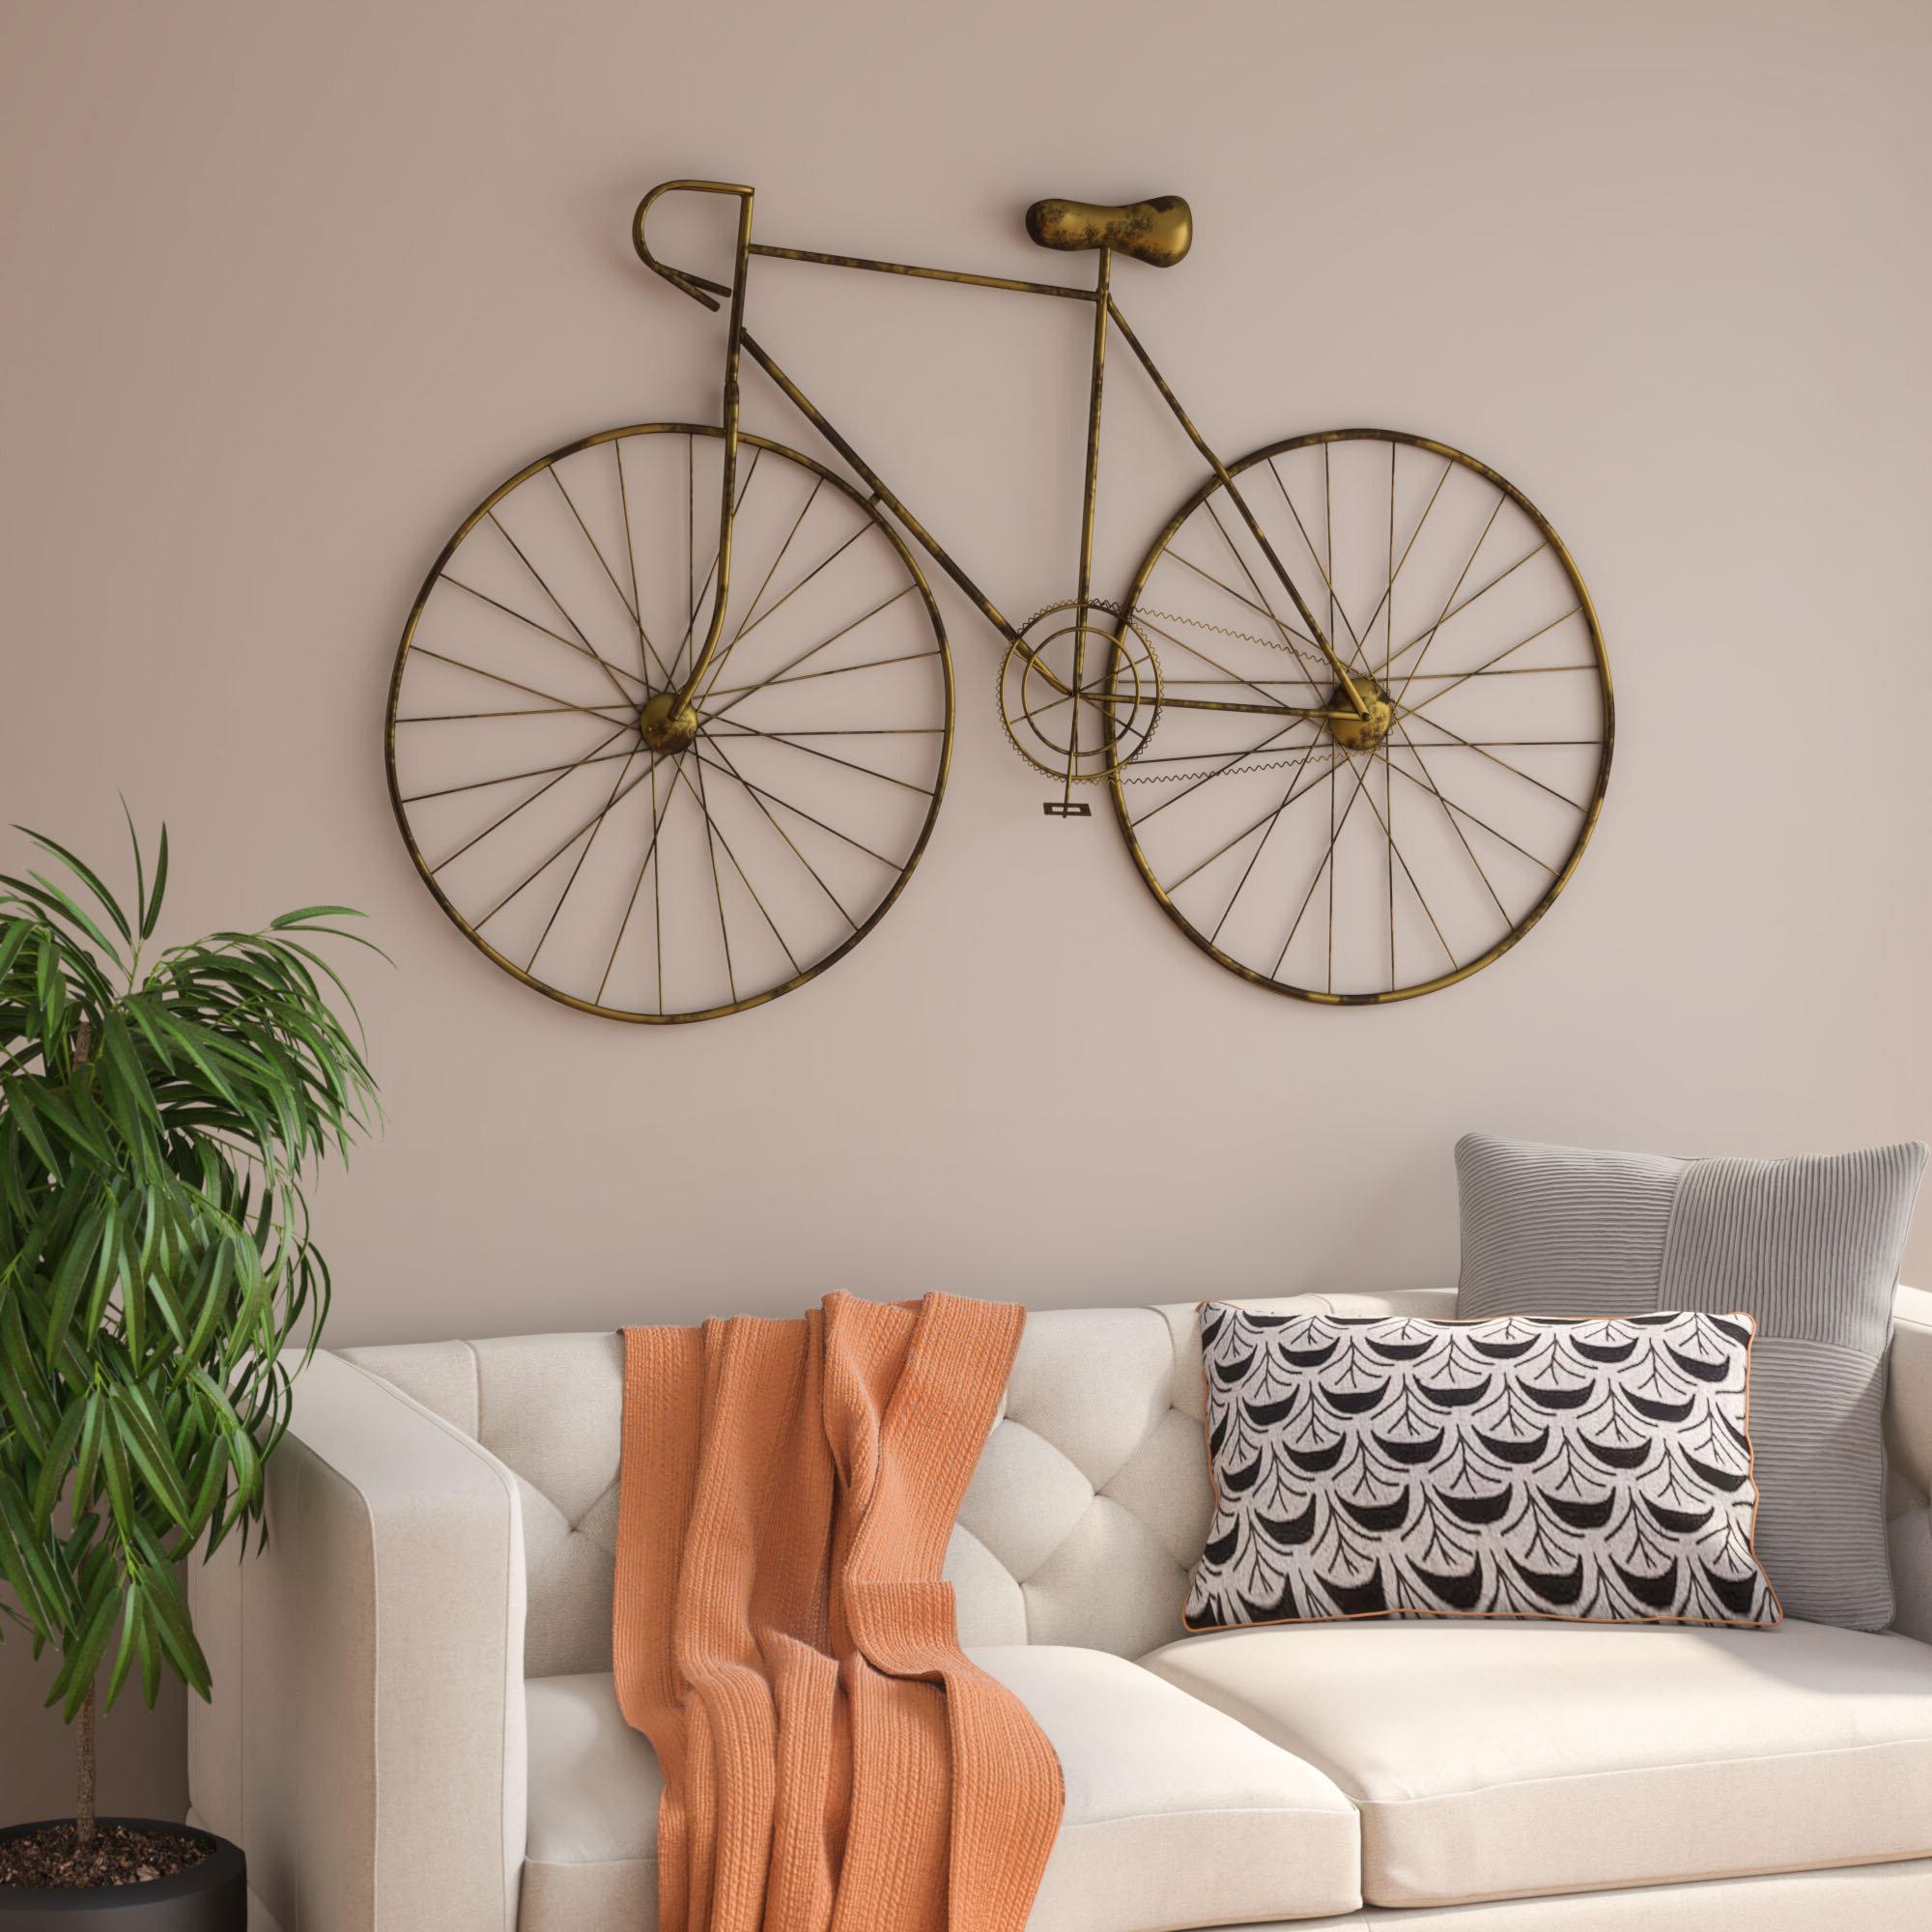 Brayden Studio Bronze Bicycle Wall Décor & Reviews (View 6 of 20)